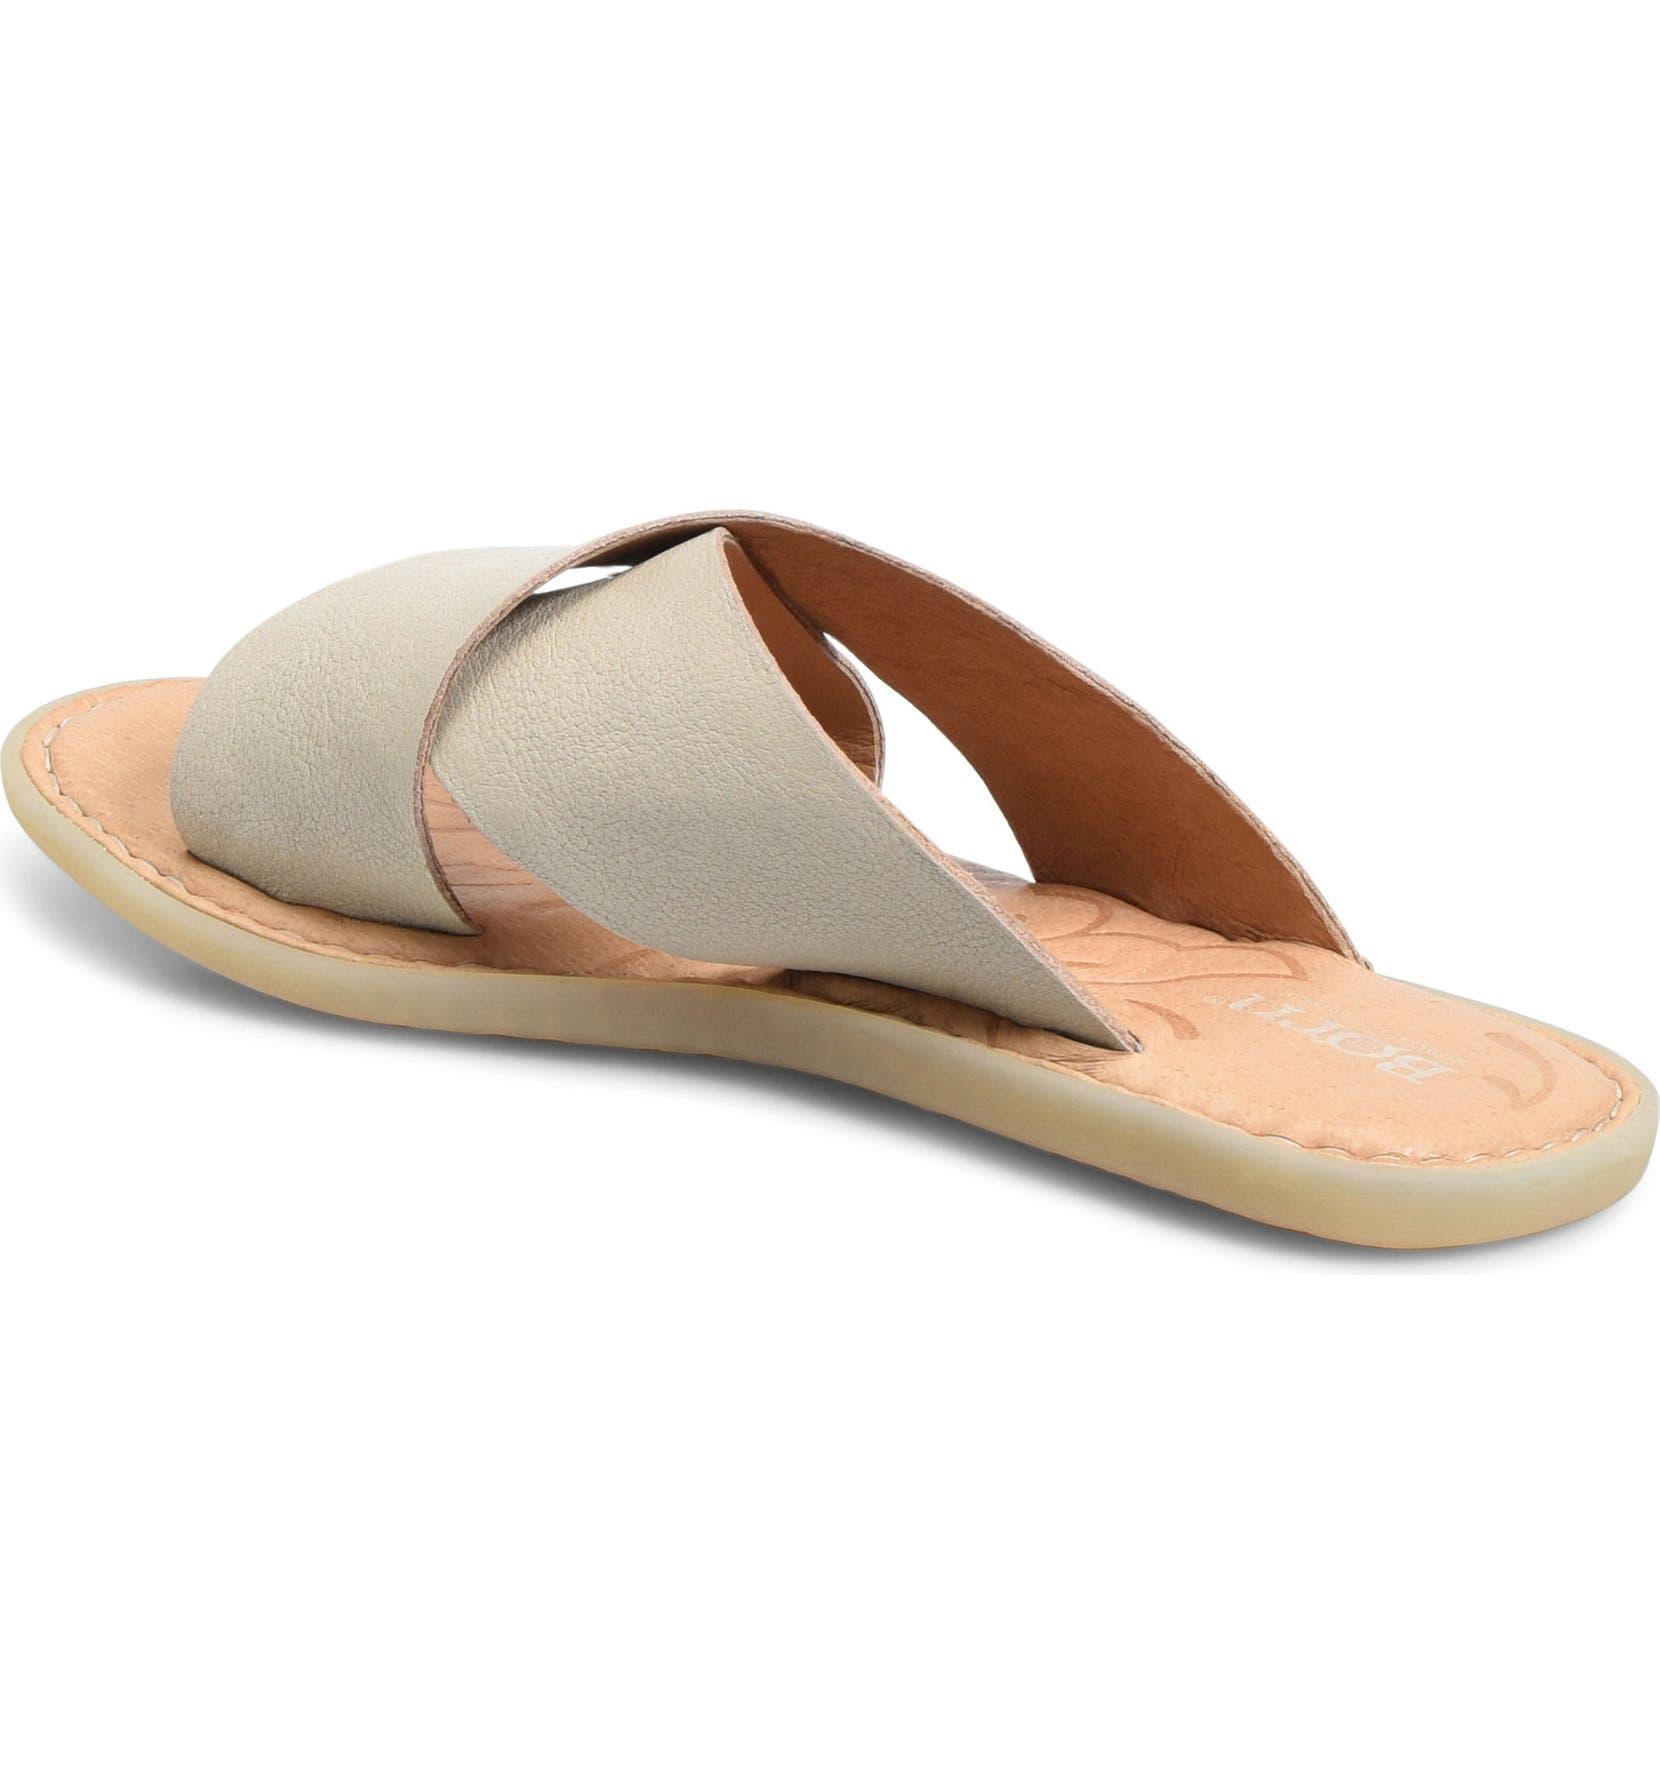 74538b138561 Børn Kula Slide Sandal (Women)